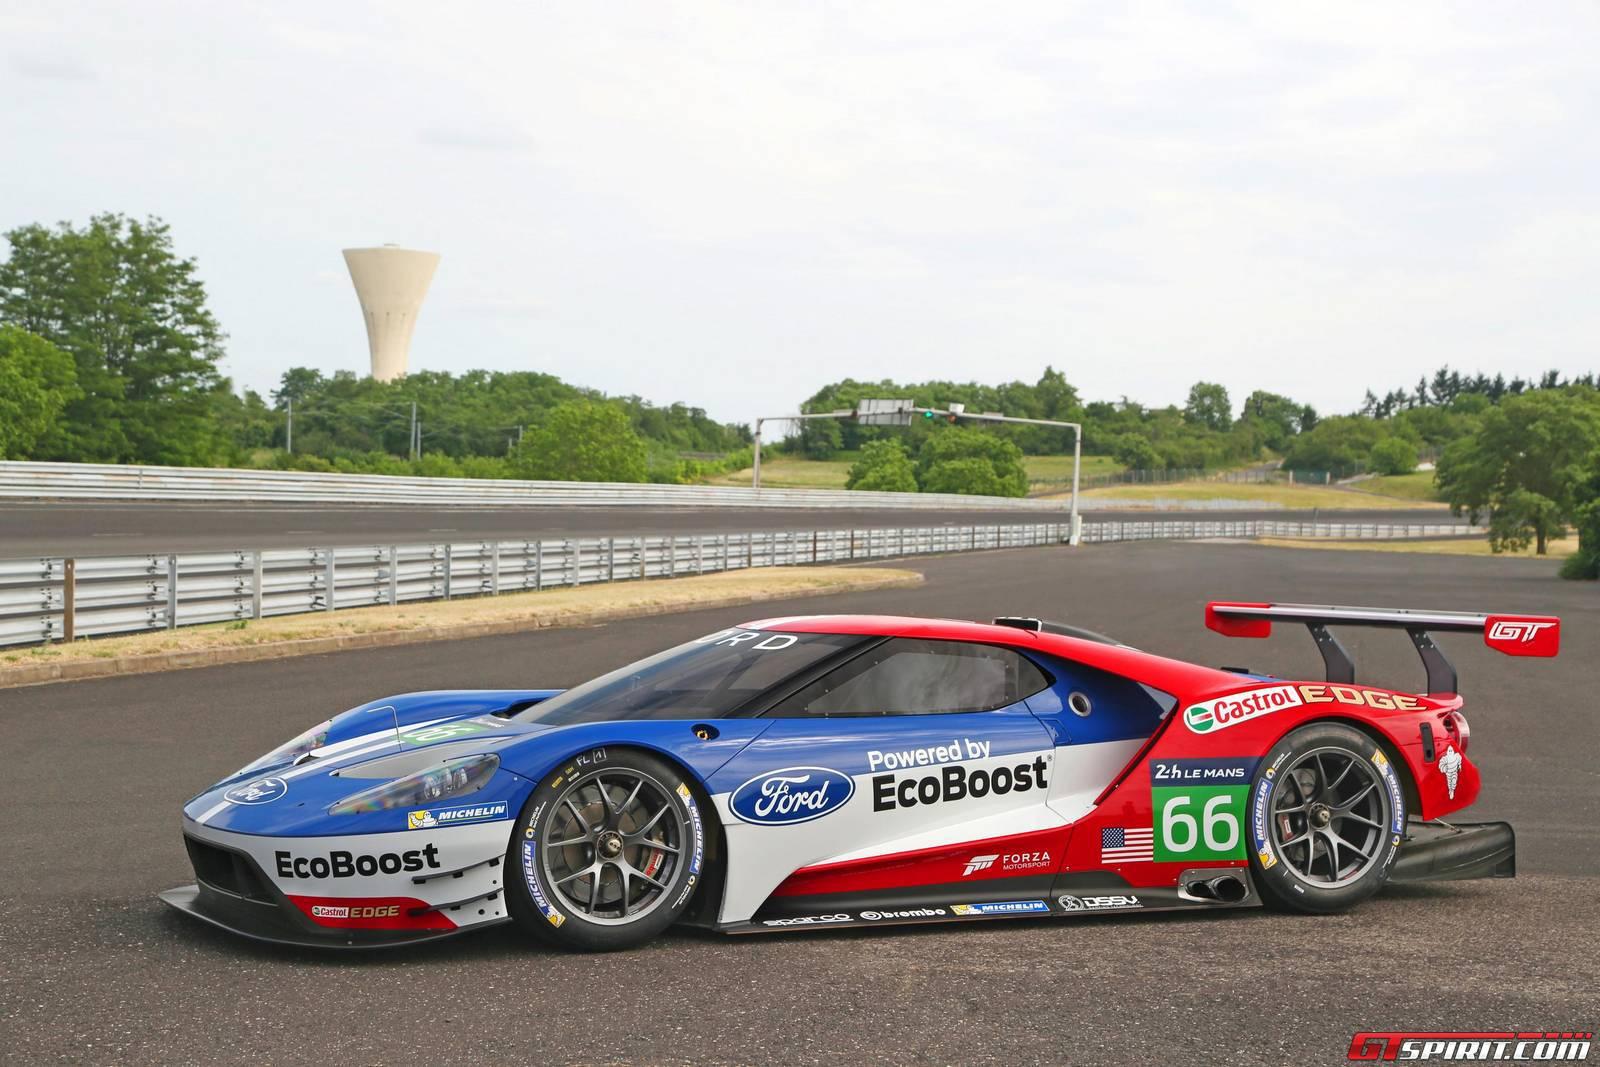 Ford Gt Gte Racecar